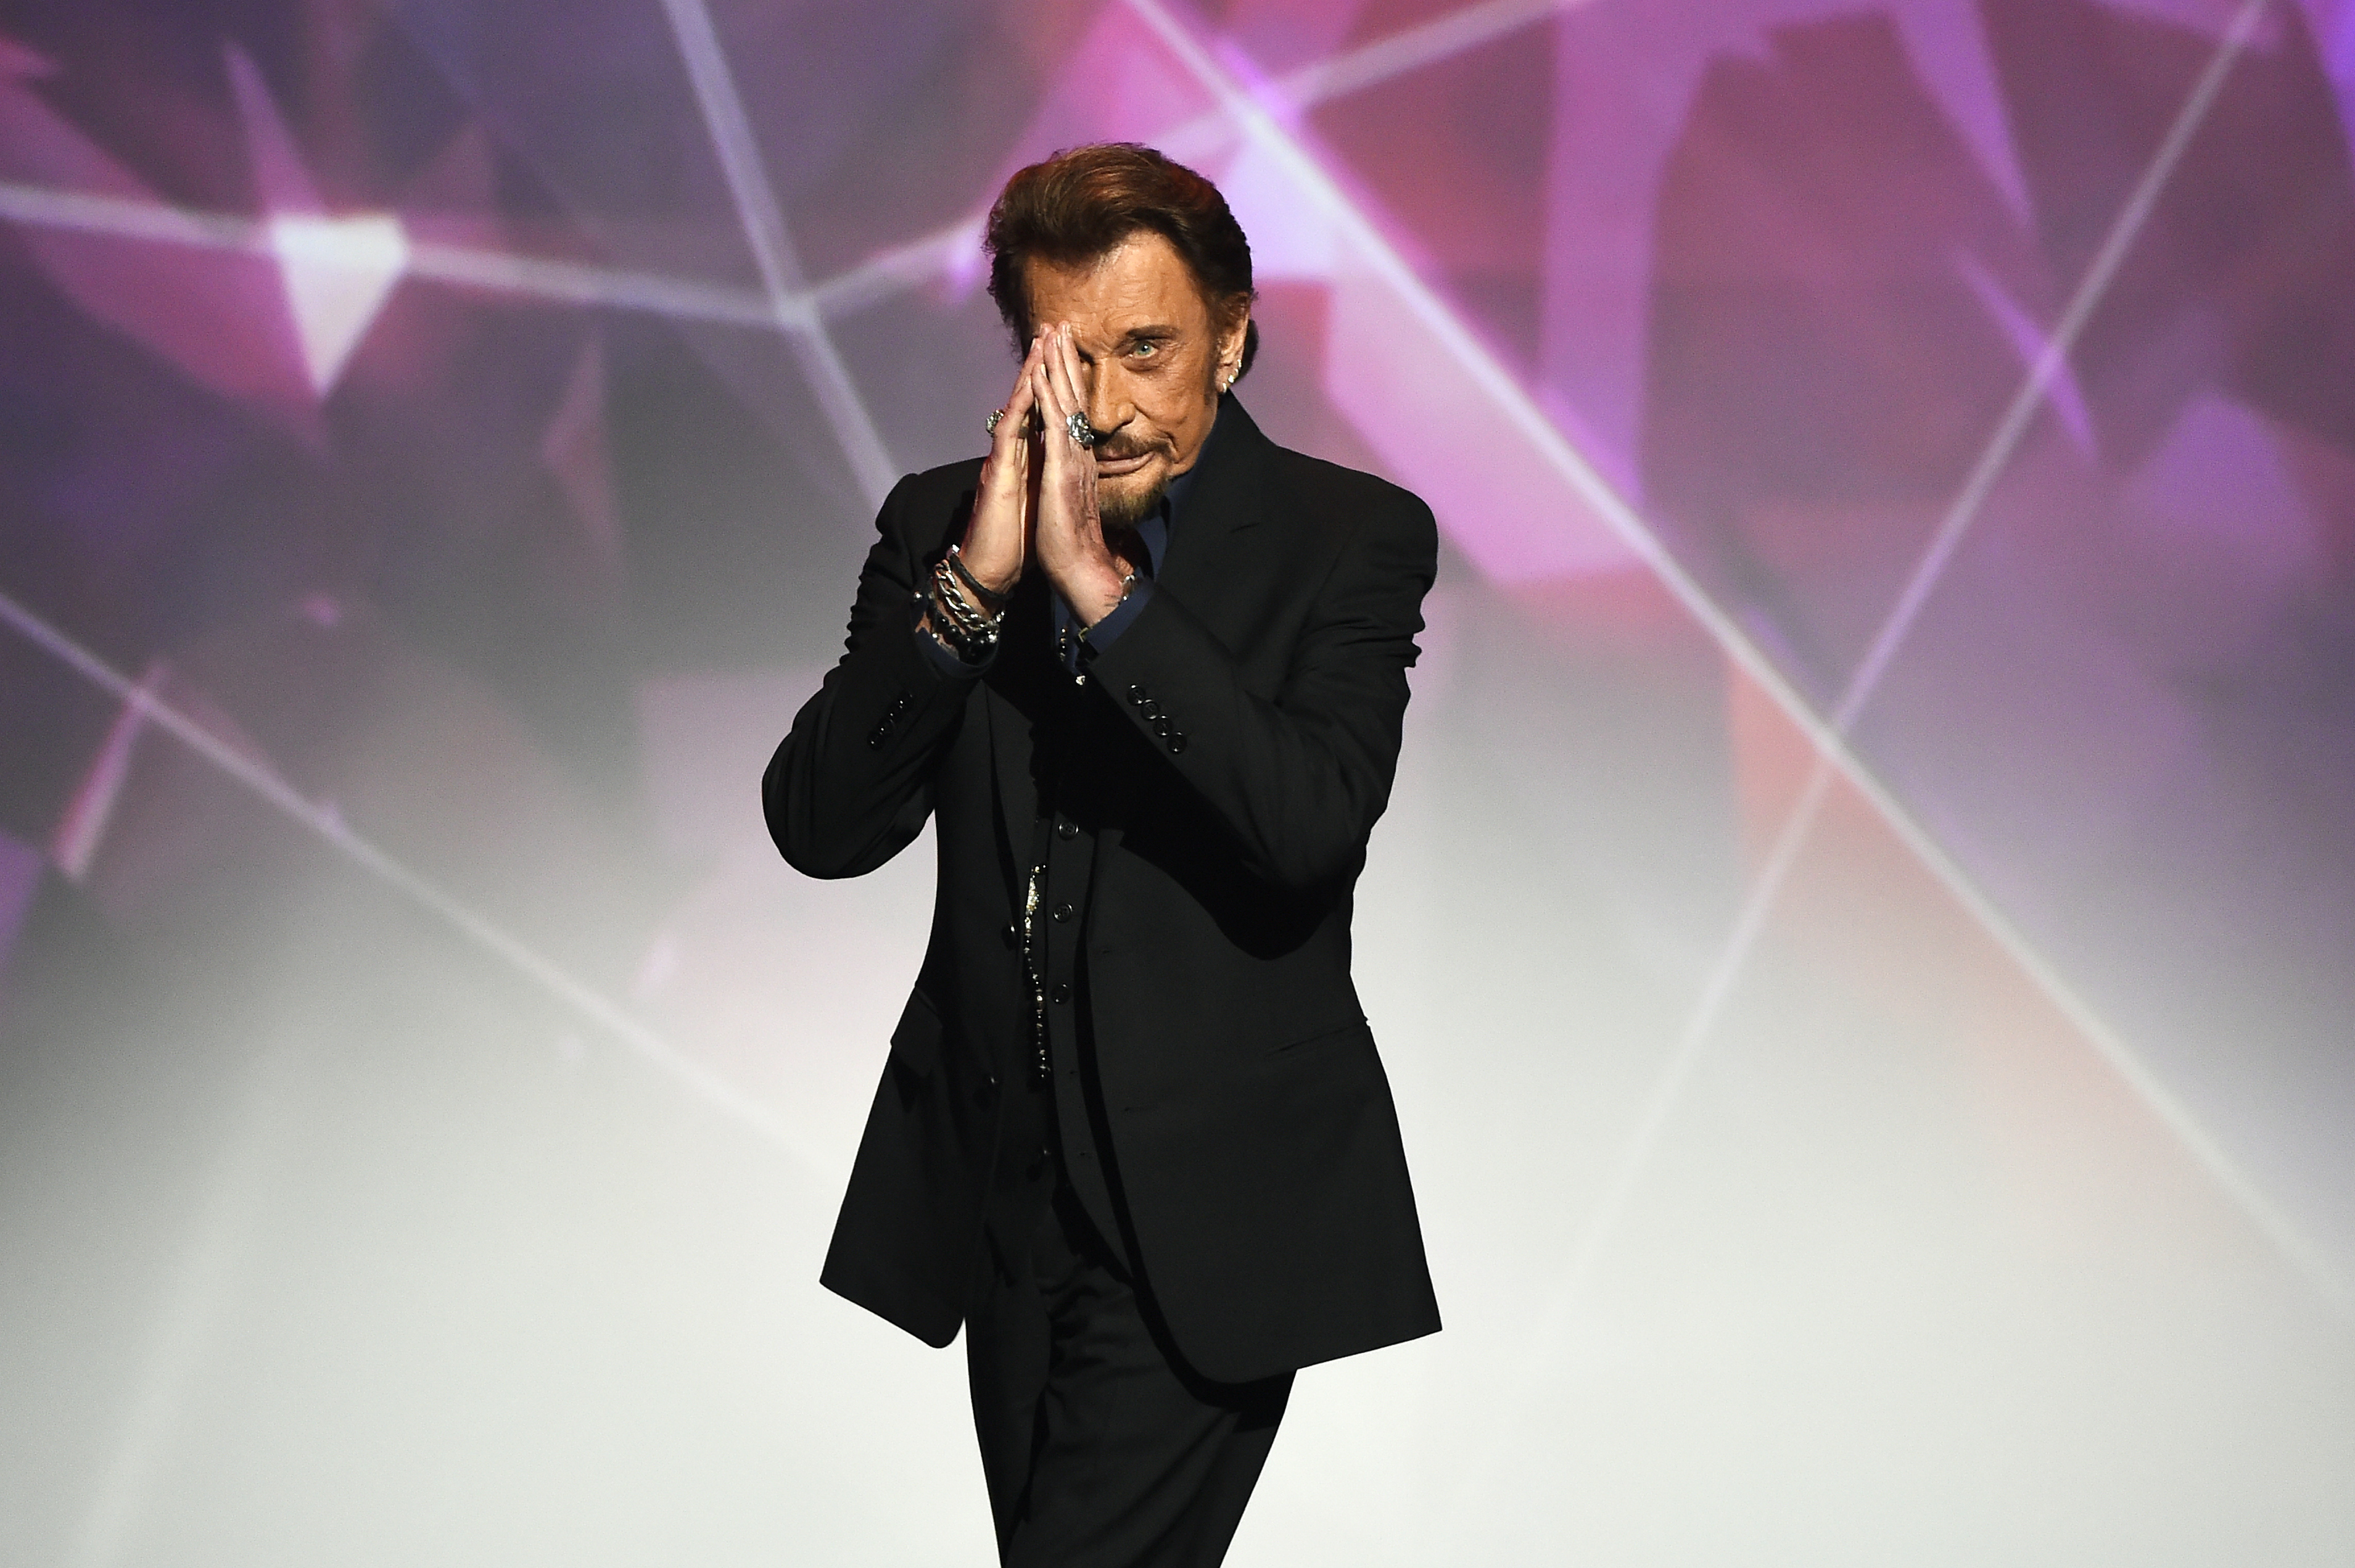 Johnny Hallyday : Pourquoi son album n'est pas nommé aux Victoires de la Musique ?